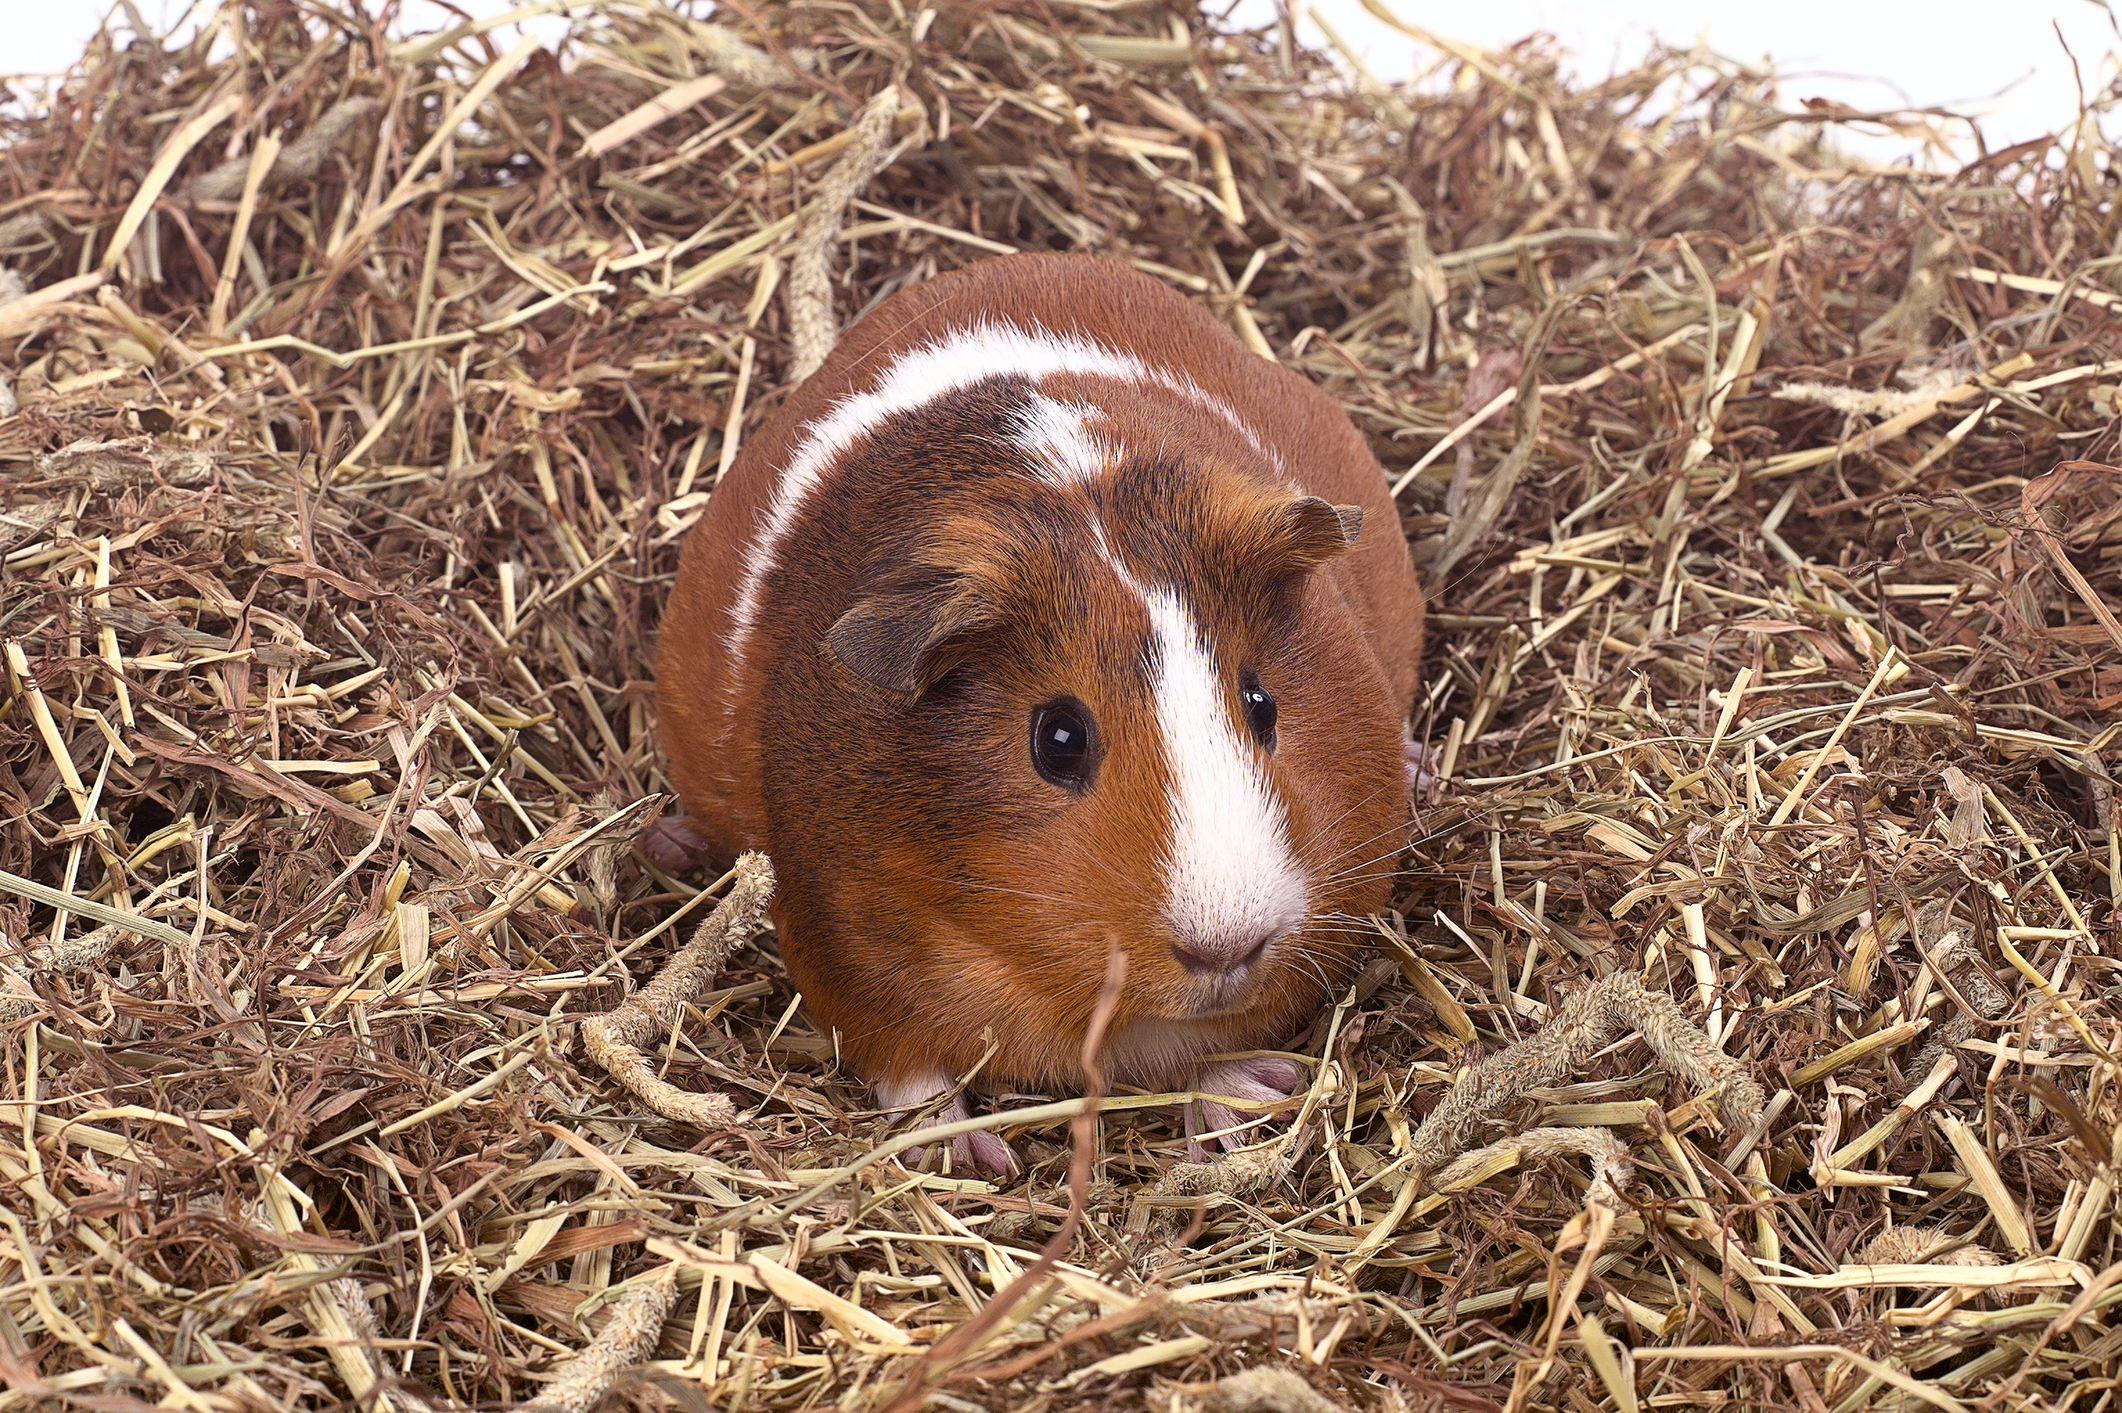 Guinea pig in hay